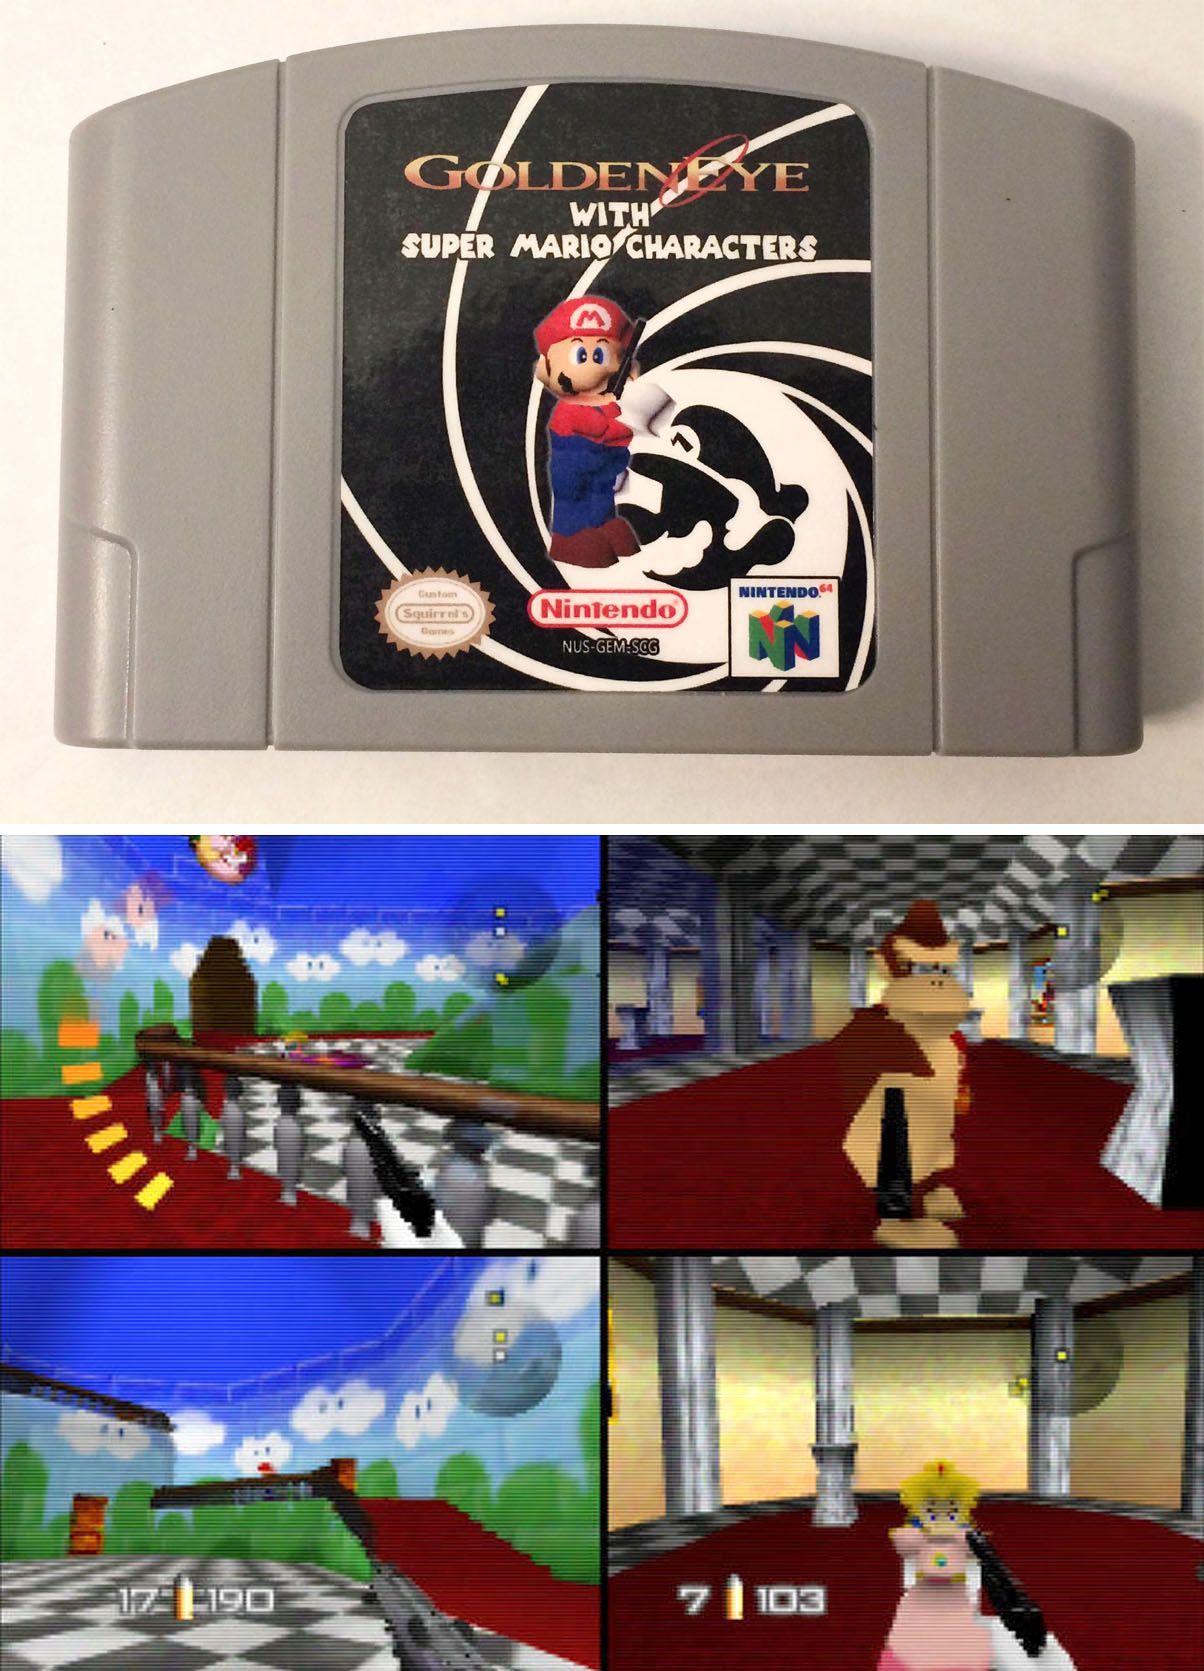 Super Mario 64 GoldenEye Hack | crossovers | Super mario, Videogames